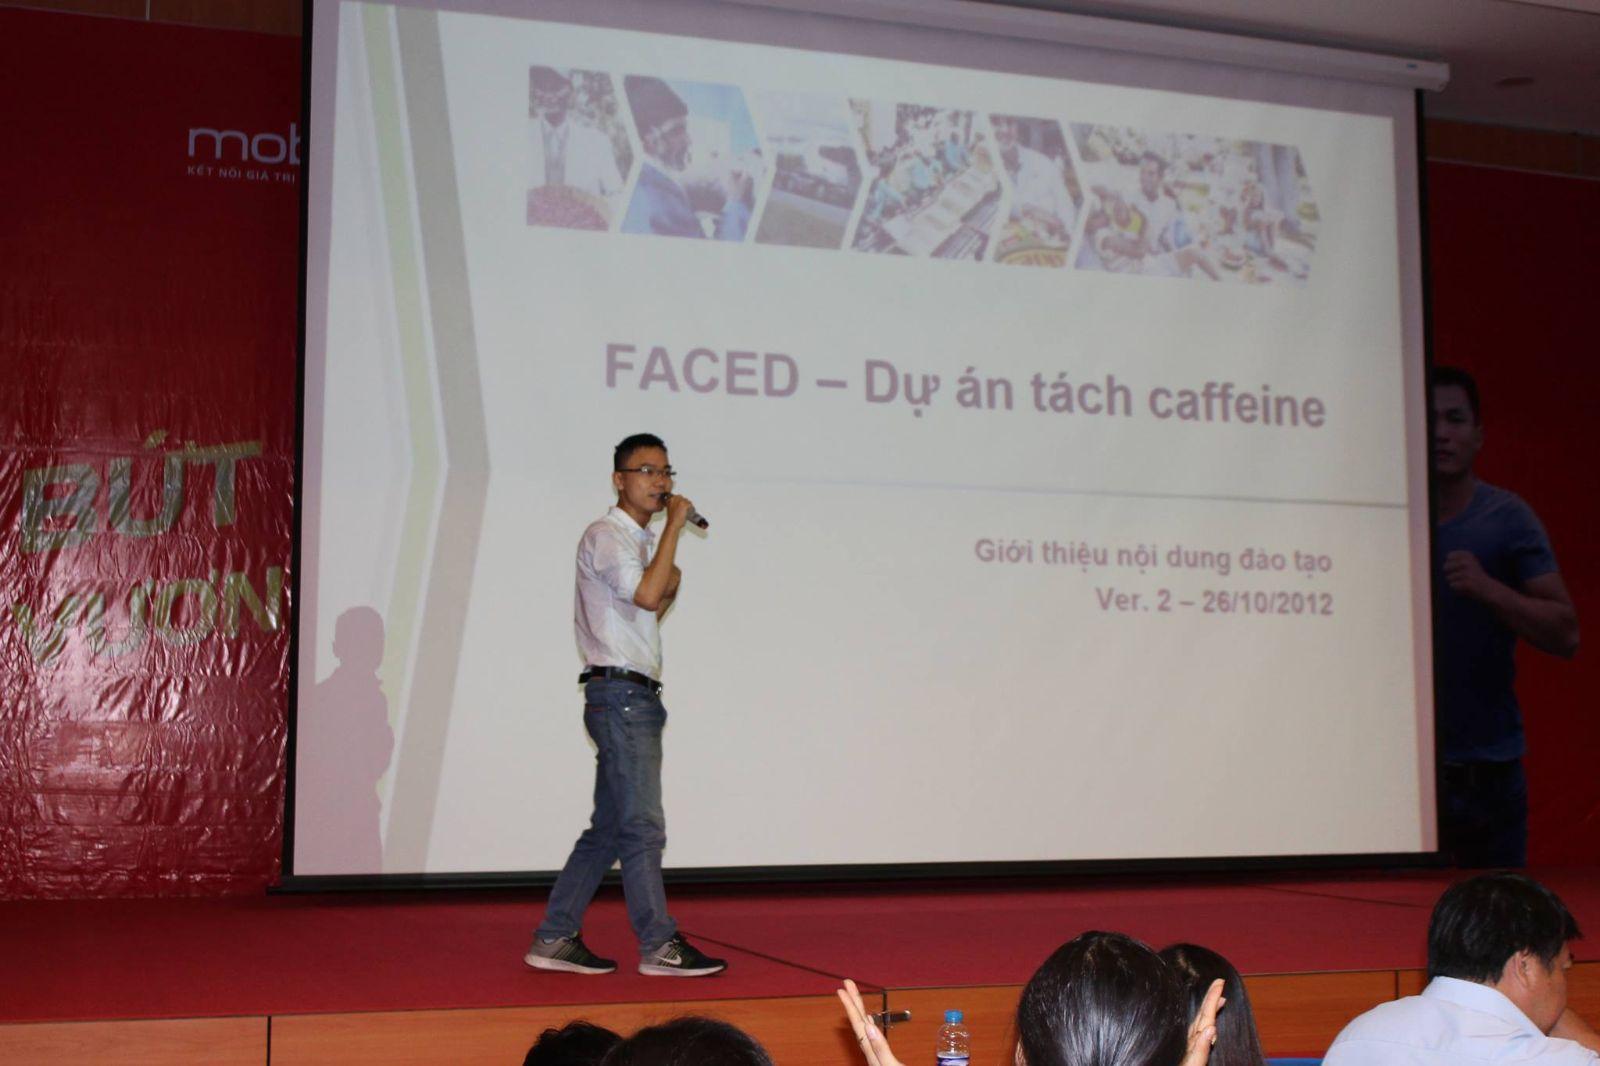 Sinh viên Khoa Thực phẩm, Môi trường và Điều dưỡng tìm hiểu công nghệ sản xuất cà phê của Công ty Nestle Việt Nam